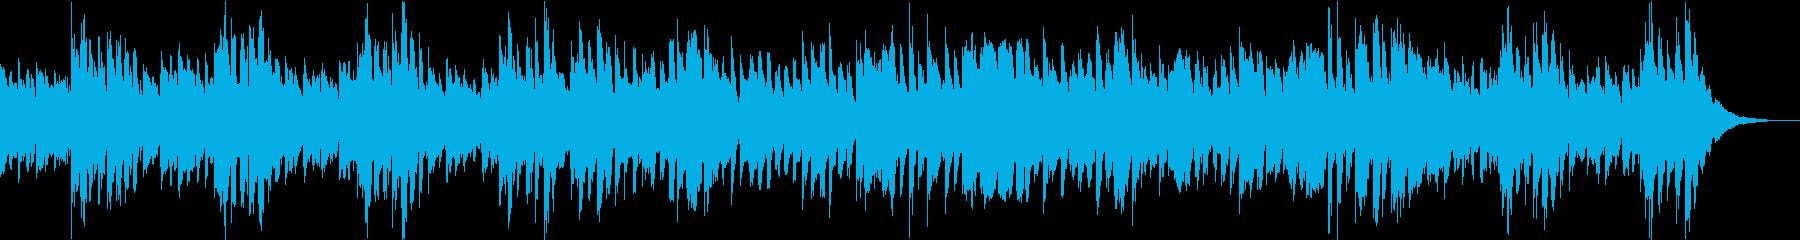 ミュゼット/バッハ・エレピの再生済みの波形